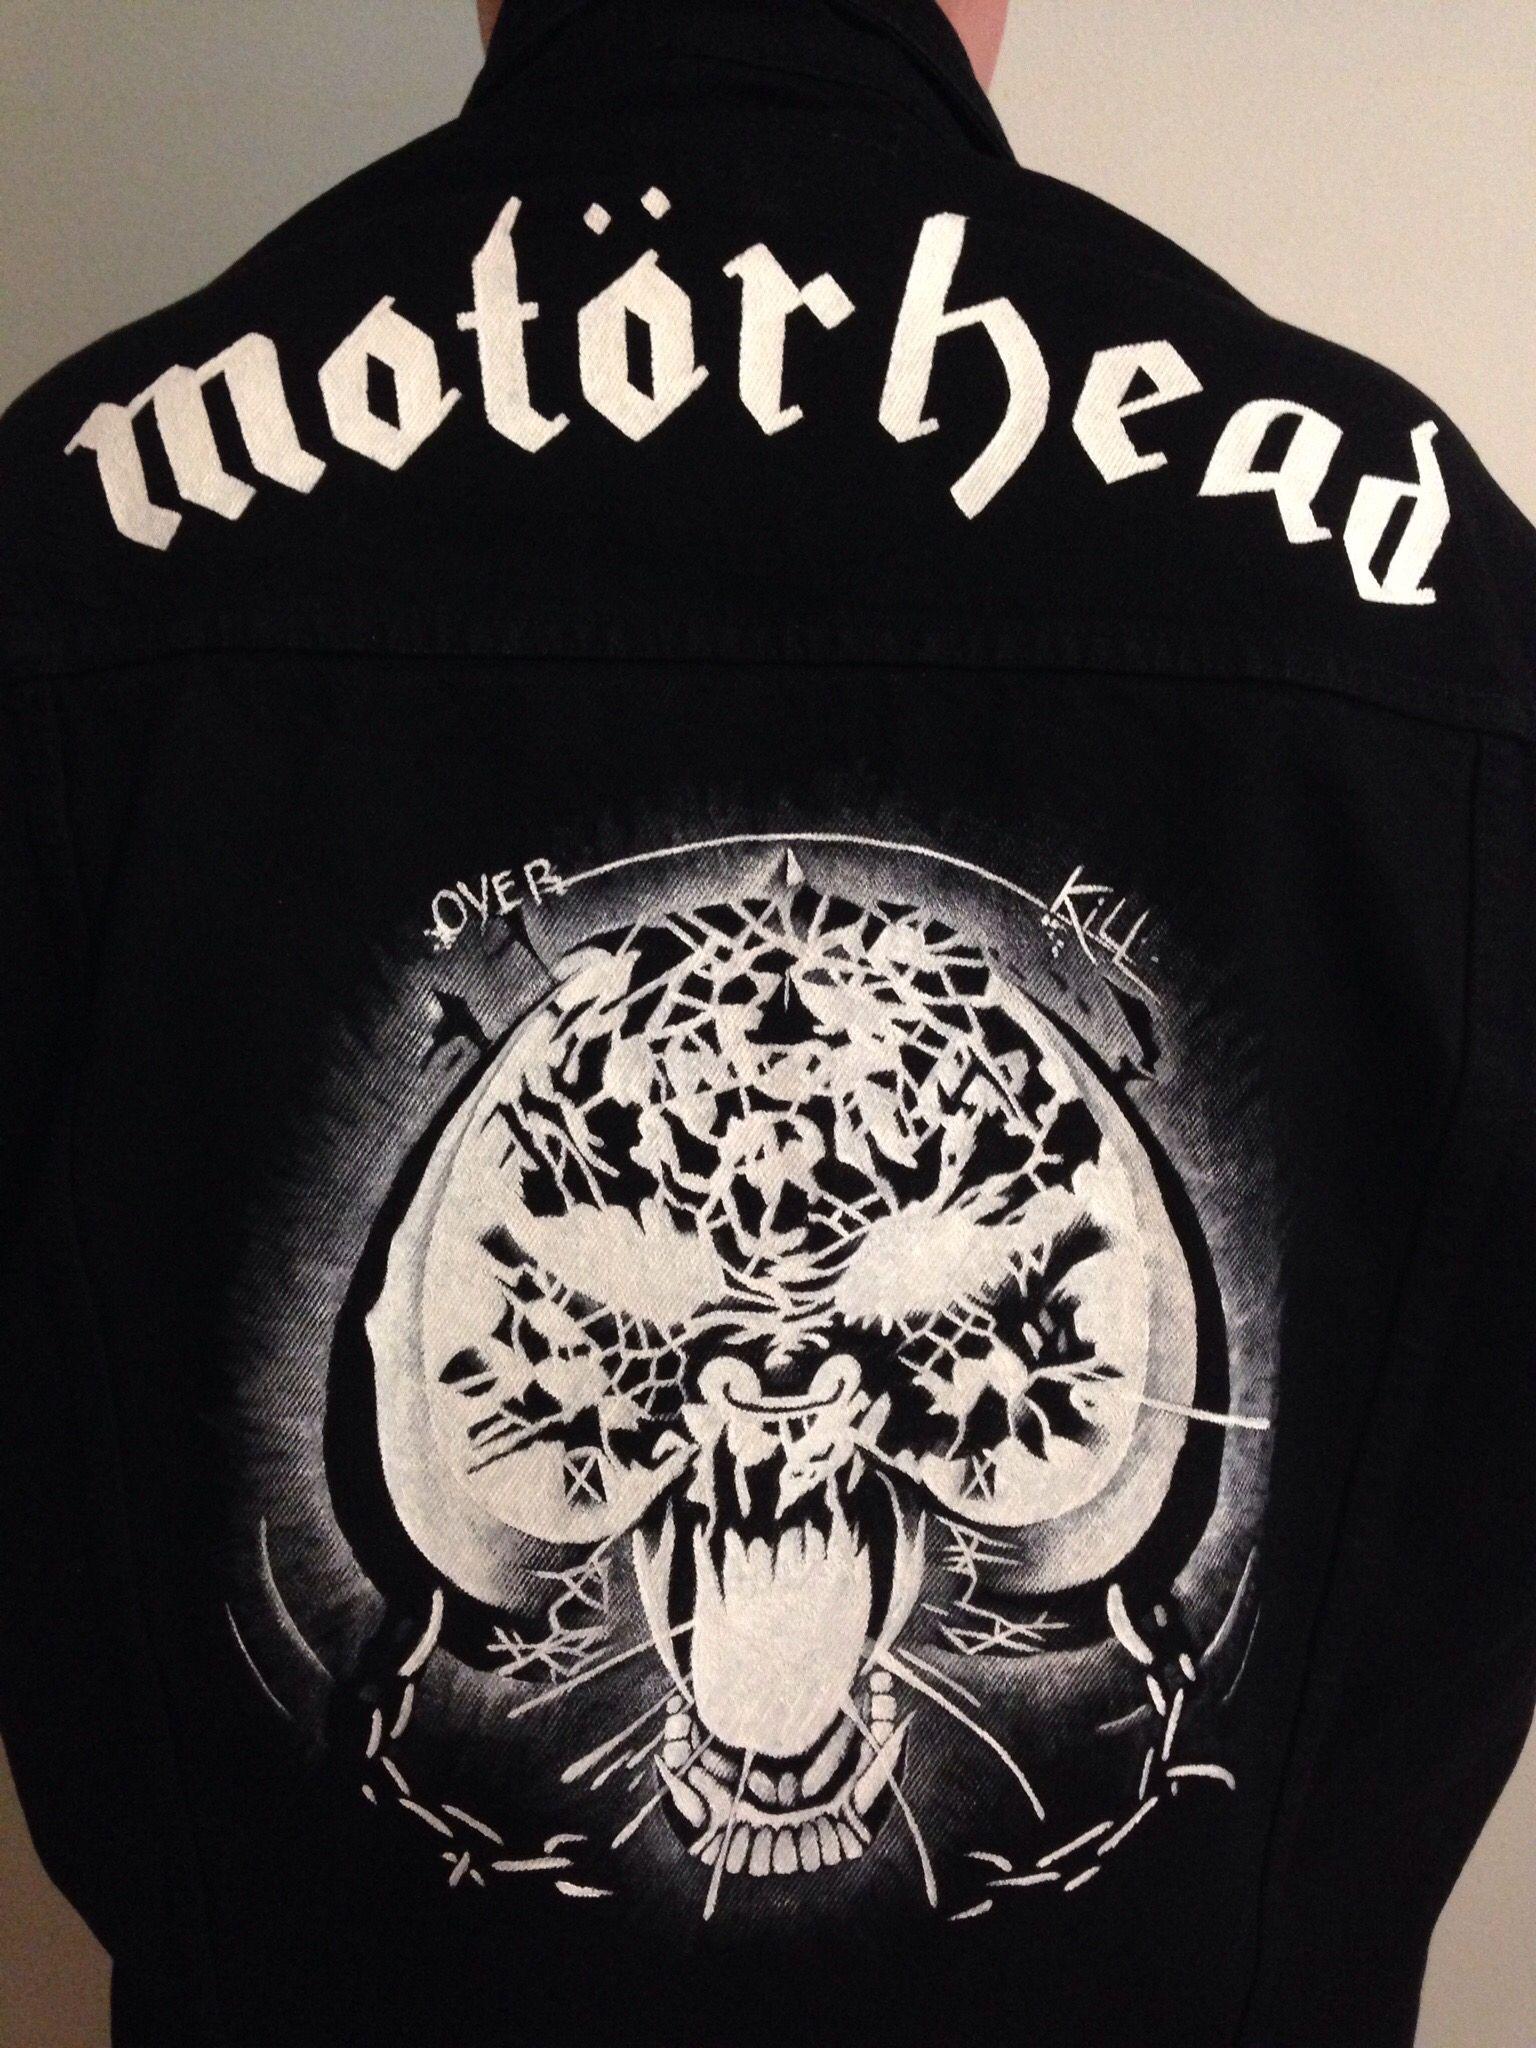 ece91664c9fdd Motörhead - Overkill on denim jacket. Handmade by @nadja2013 ...